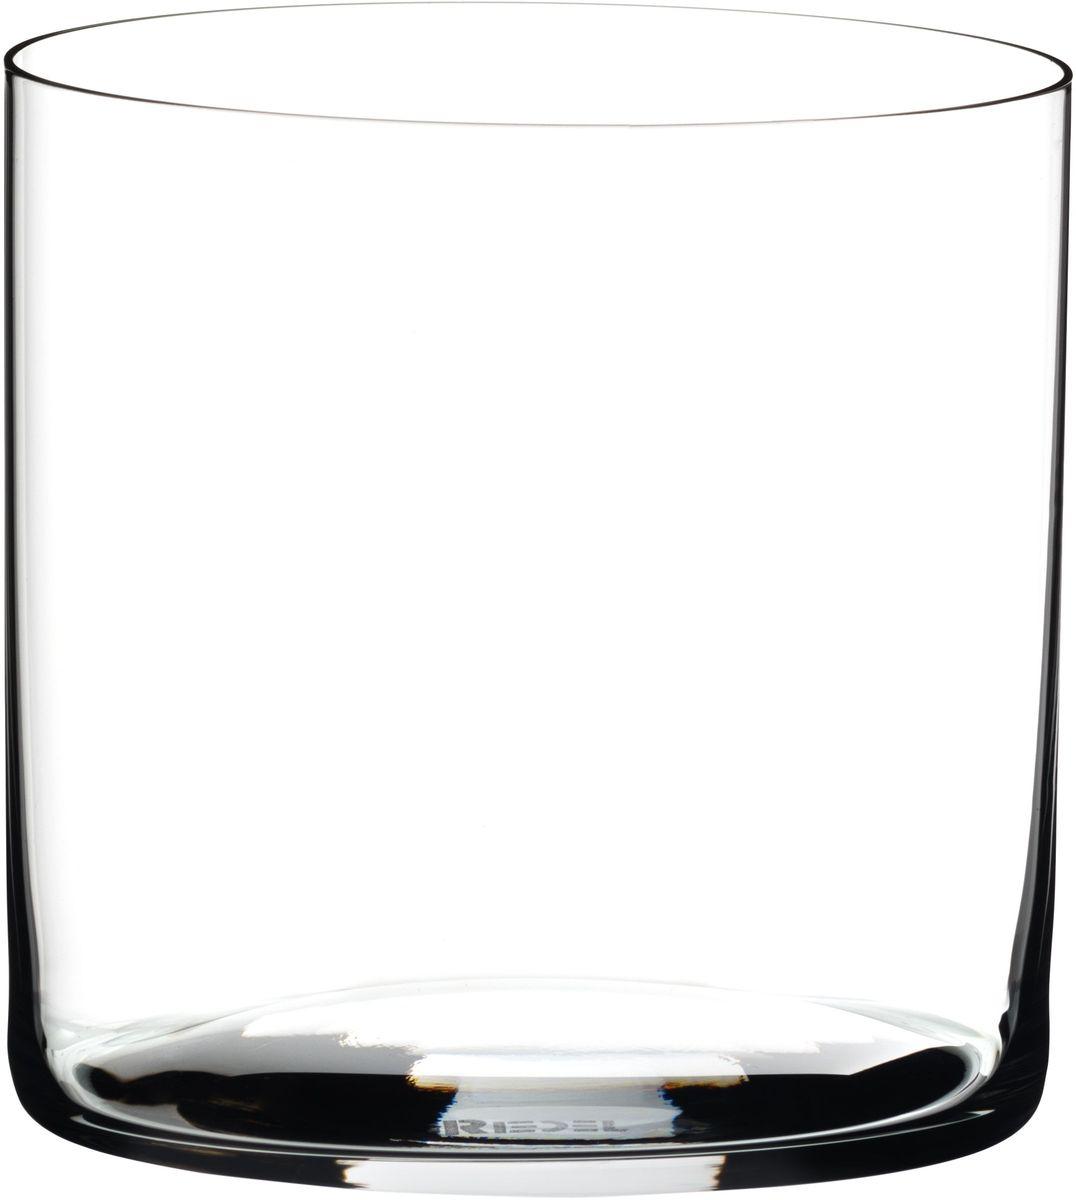 Набор стаканов для воды Riedel H2O. Water, 330 мл, 2 шт050101045Хрустальные стаканы Riedel H2O. Water прекрасно впишутся в любую сервировку стола. Они подойдут для подачи воды и различных прохладительных напитков. Из такого стакана очень приятно и удобно пить воду со льдом, соки или газированные напитки.Высота: 8 см.Диаметр: 8 см.